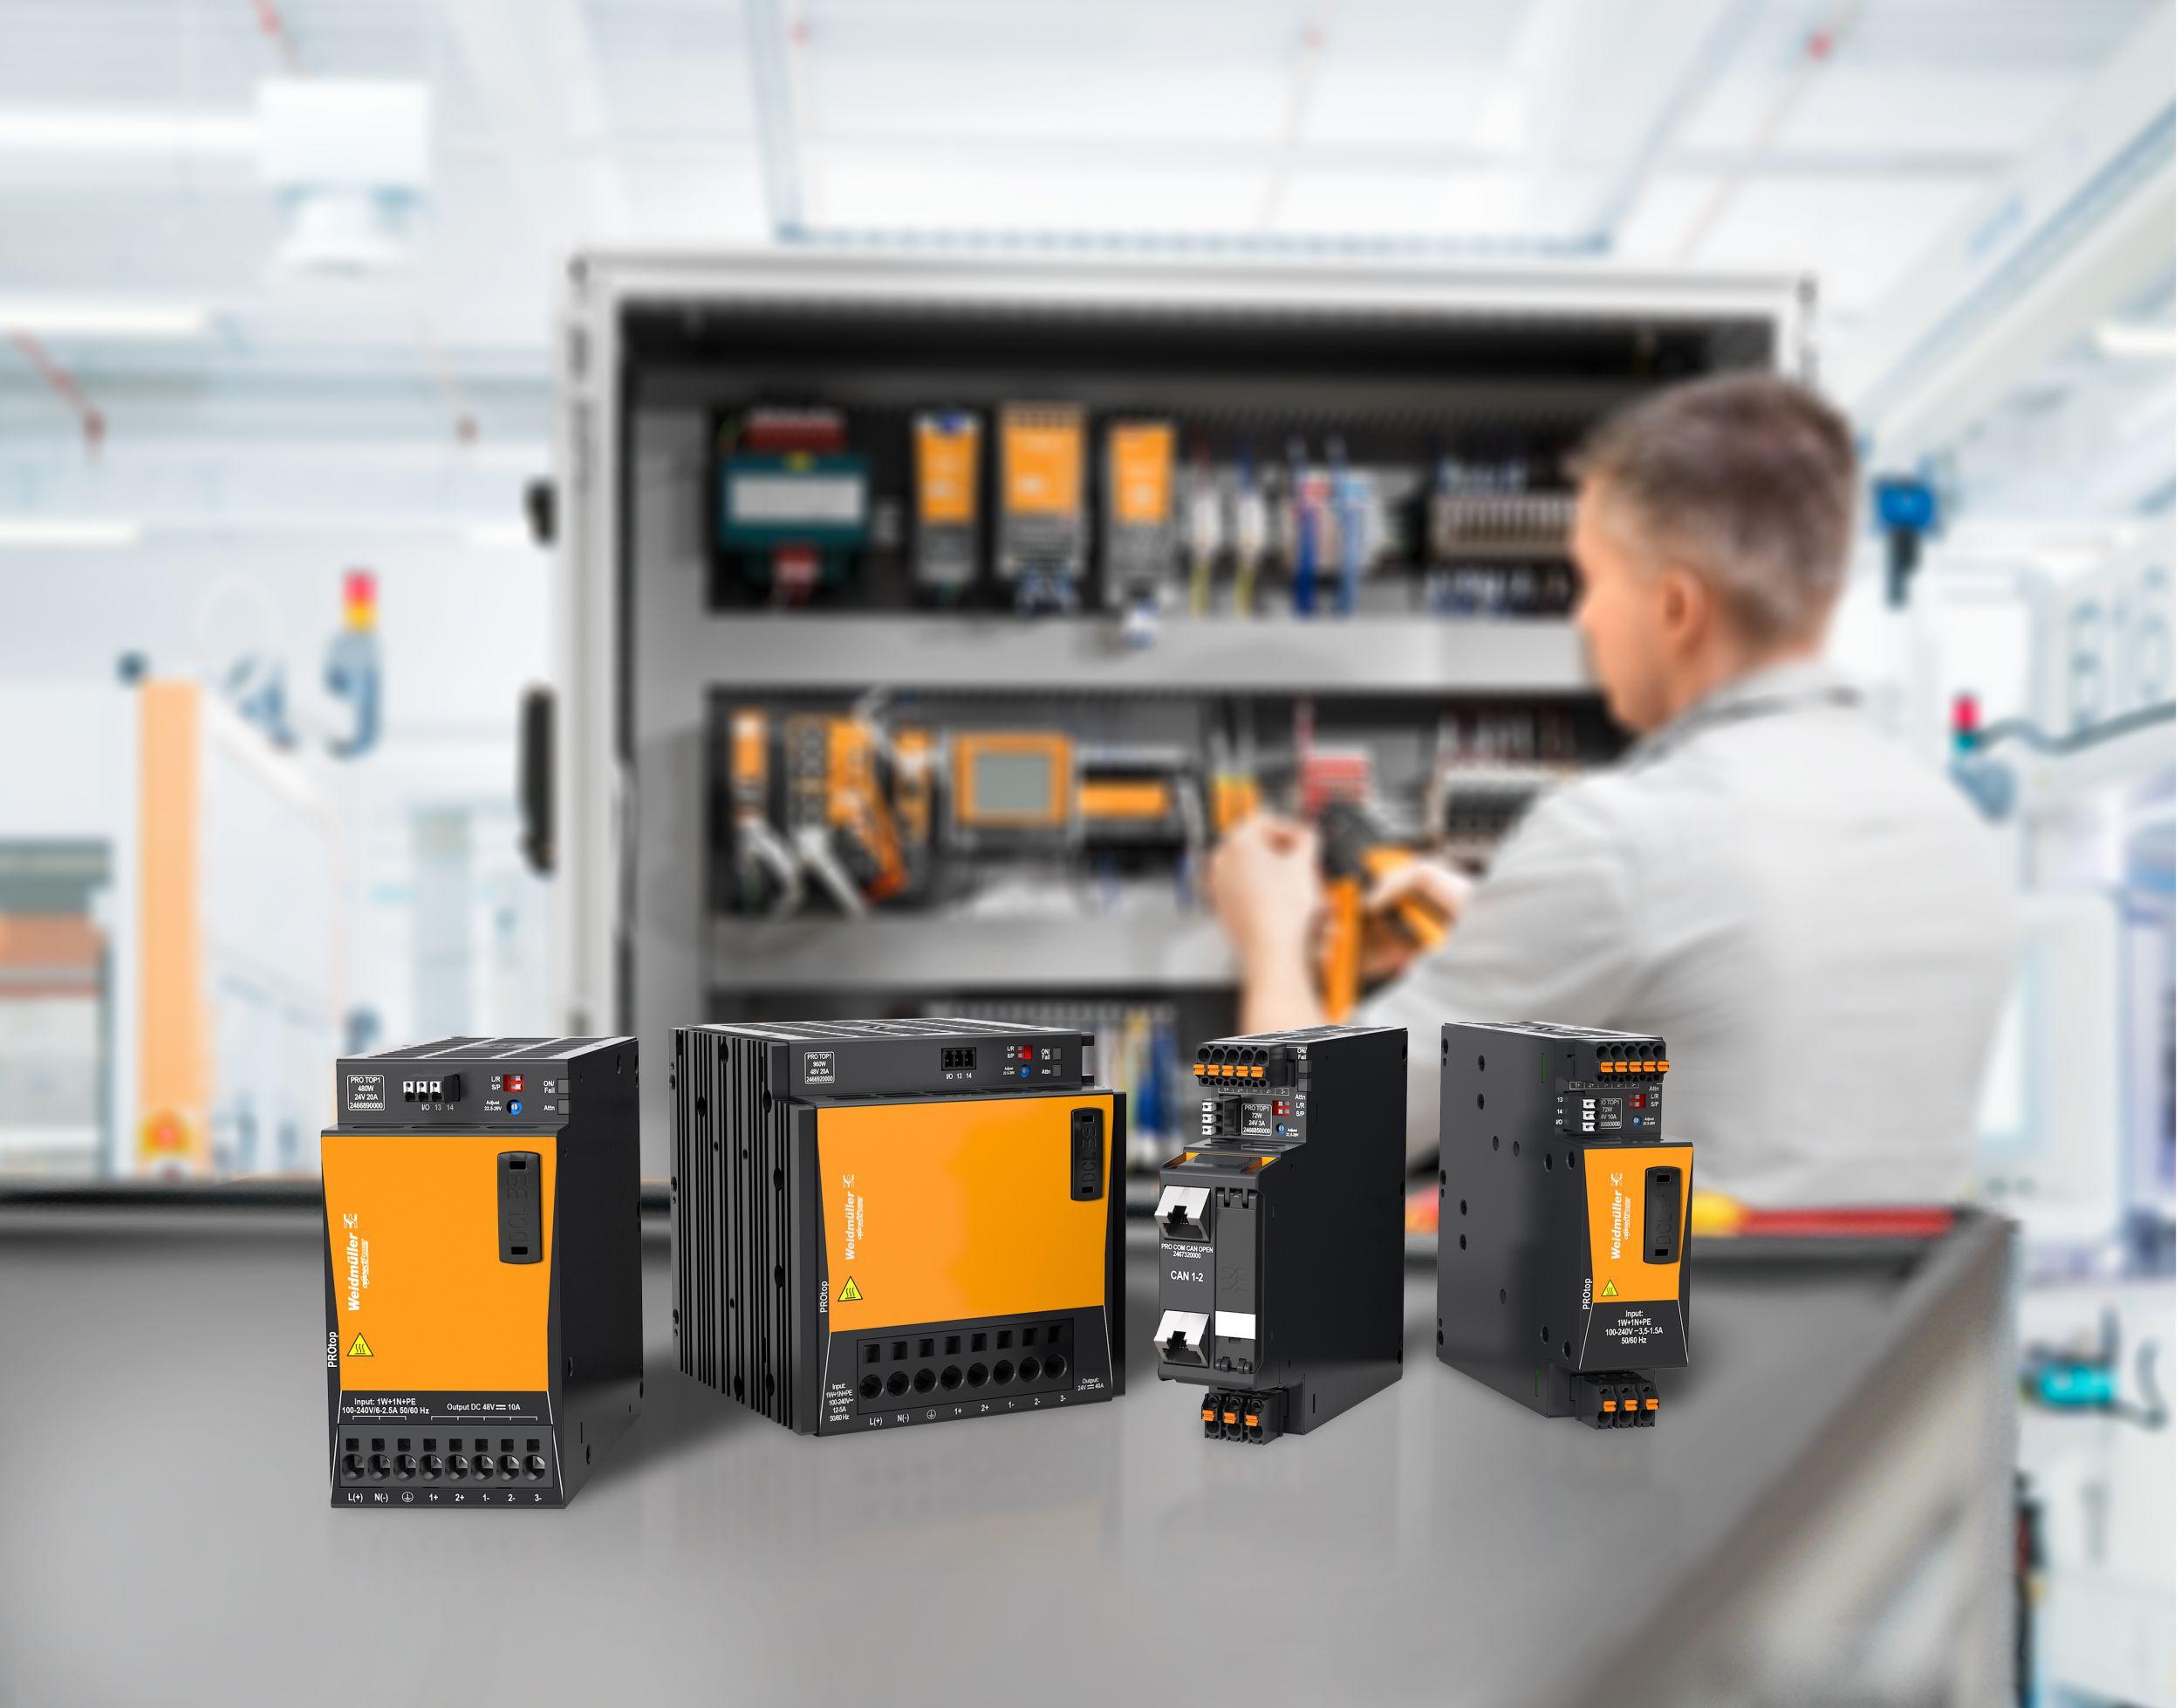 Protop ist eine Stromversorgung für hohe Ansprüche mit einem sehr großen Dynamikbereich dank DCL-Technologie. (Bild: Weidmüller GmbH & Co. KG)